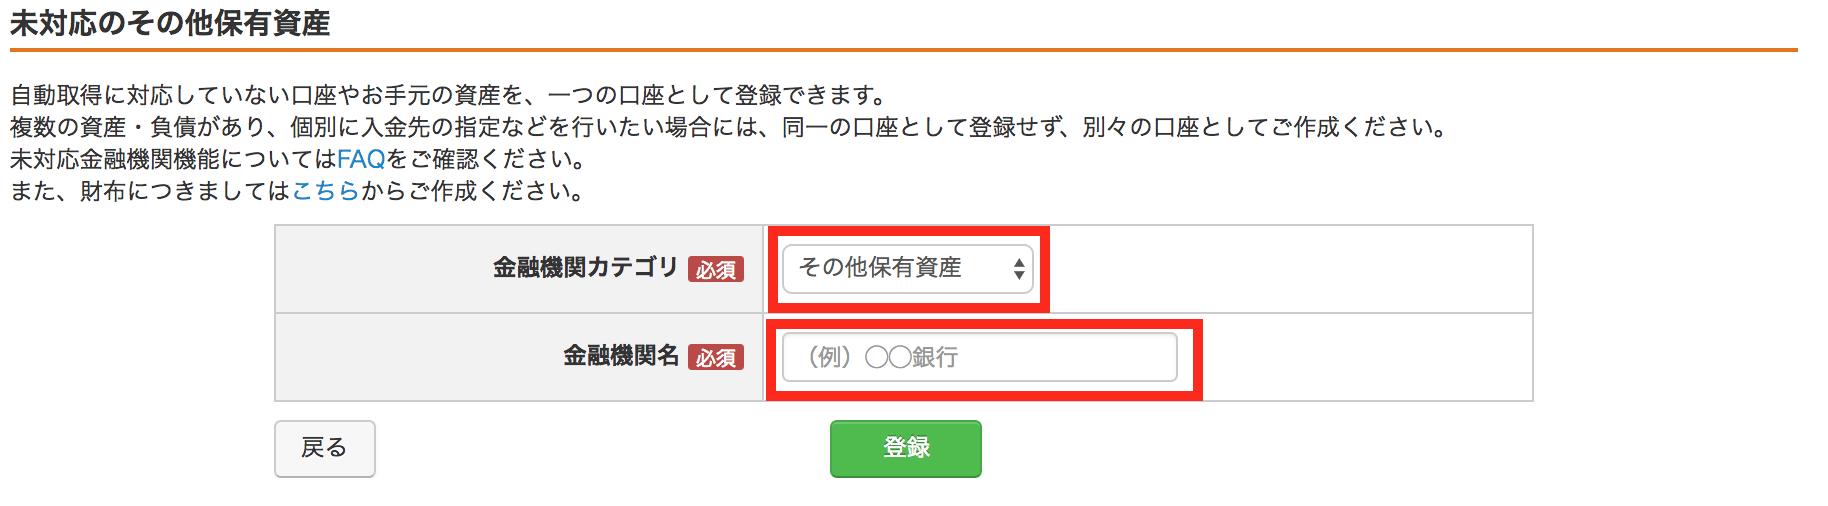 マネーフォワード_借金登録2